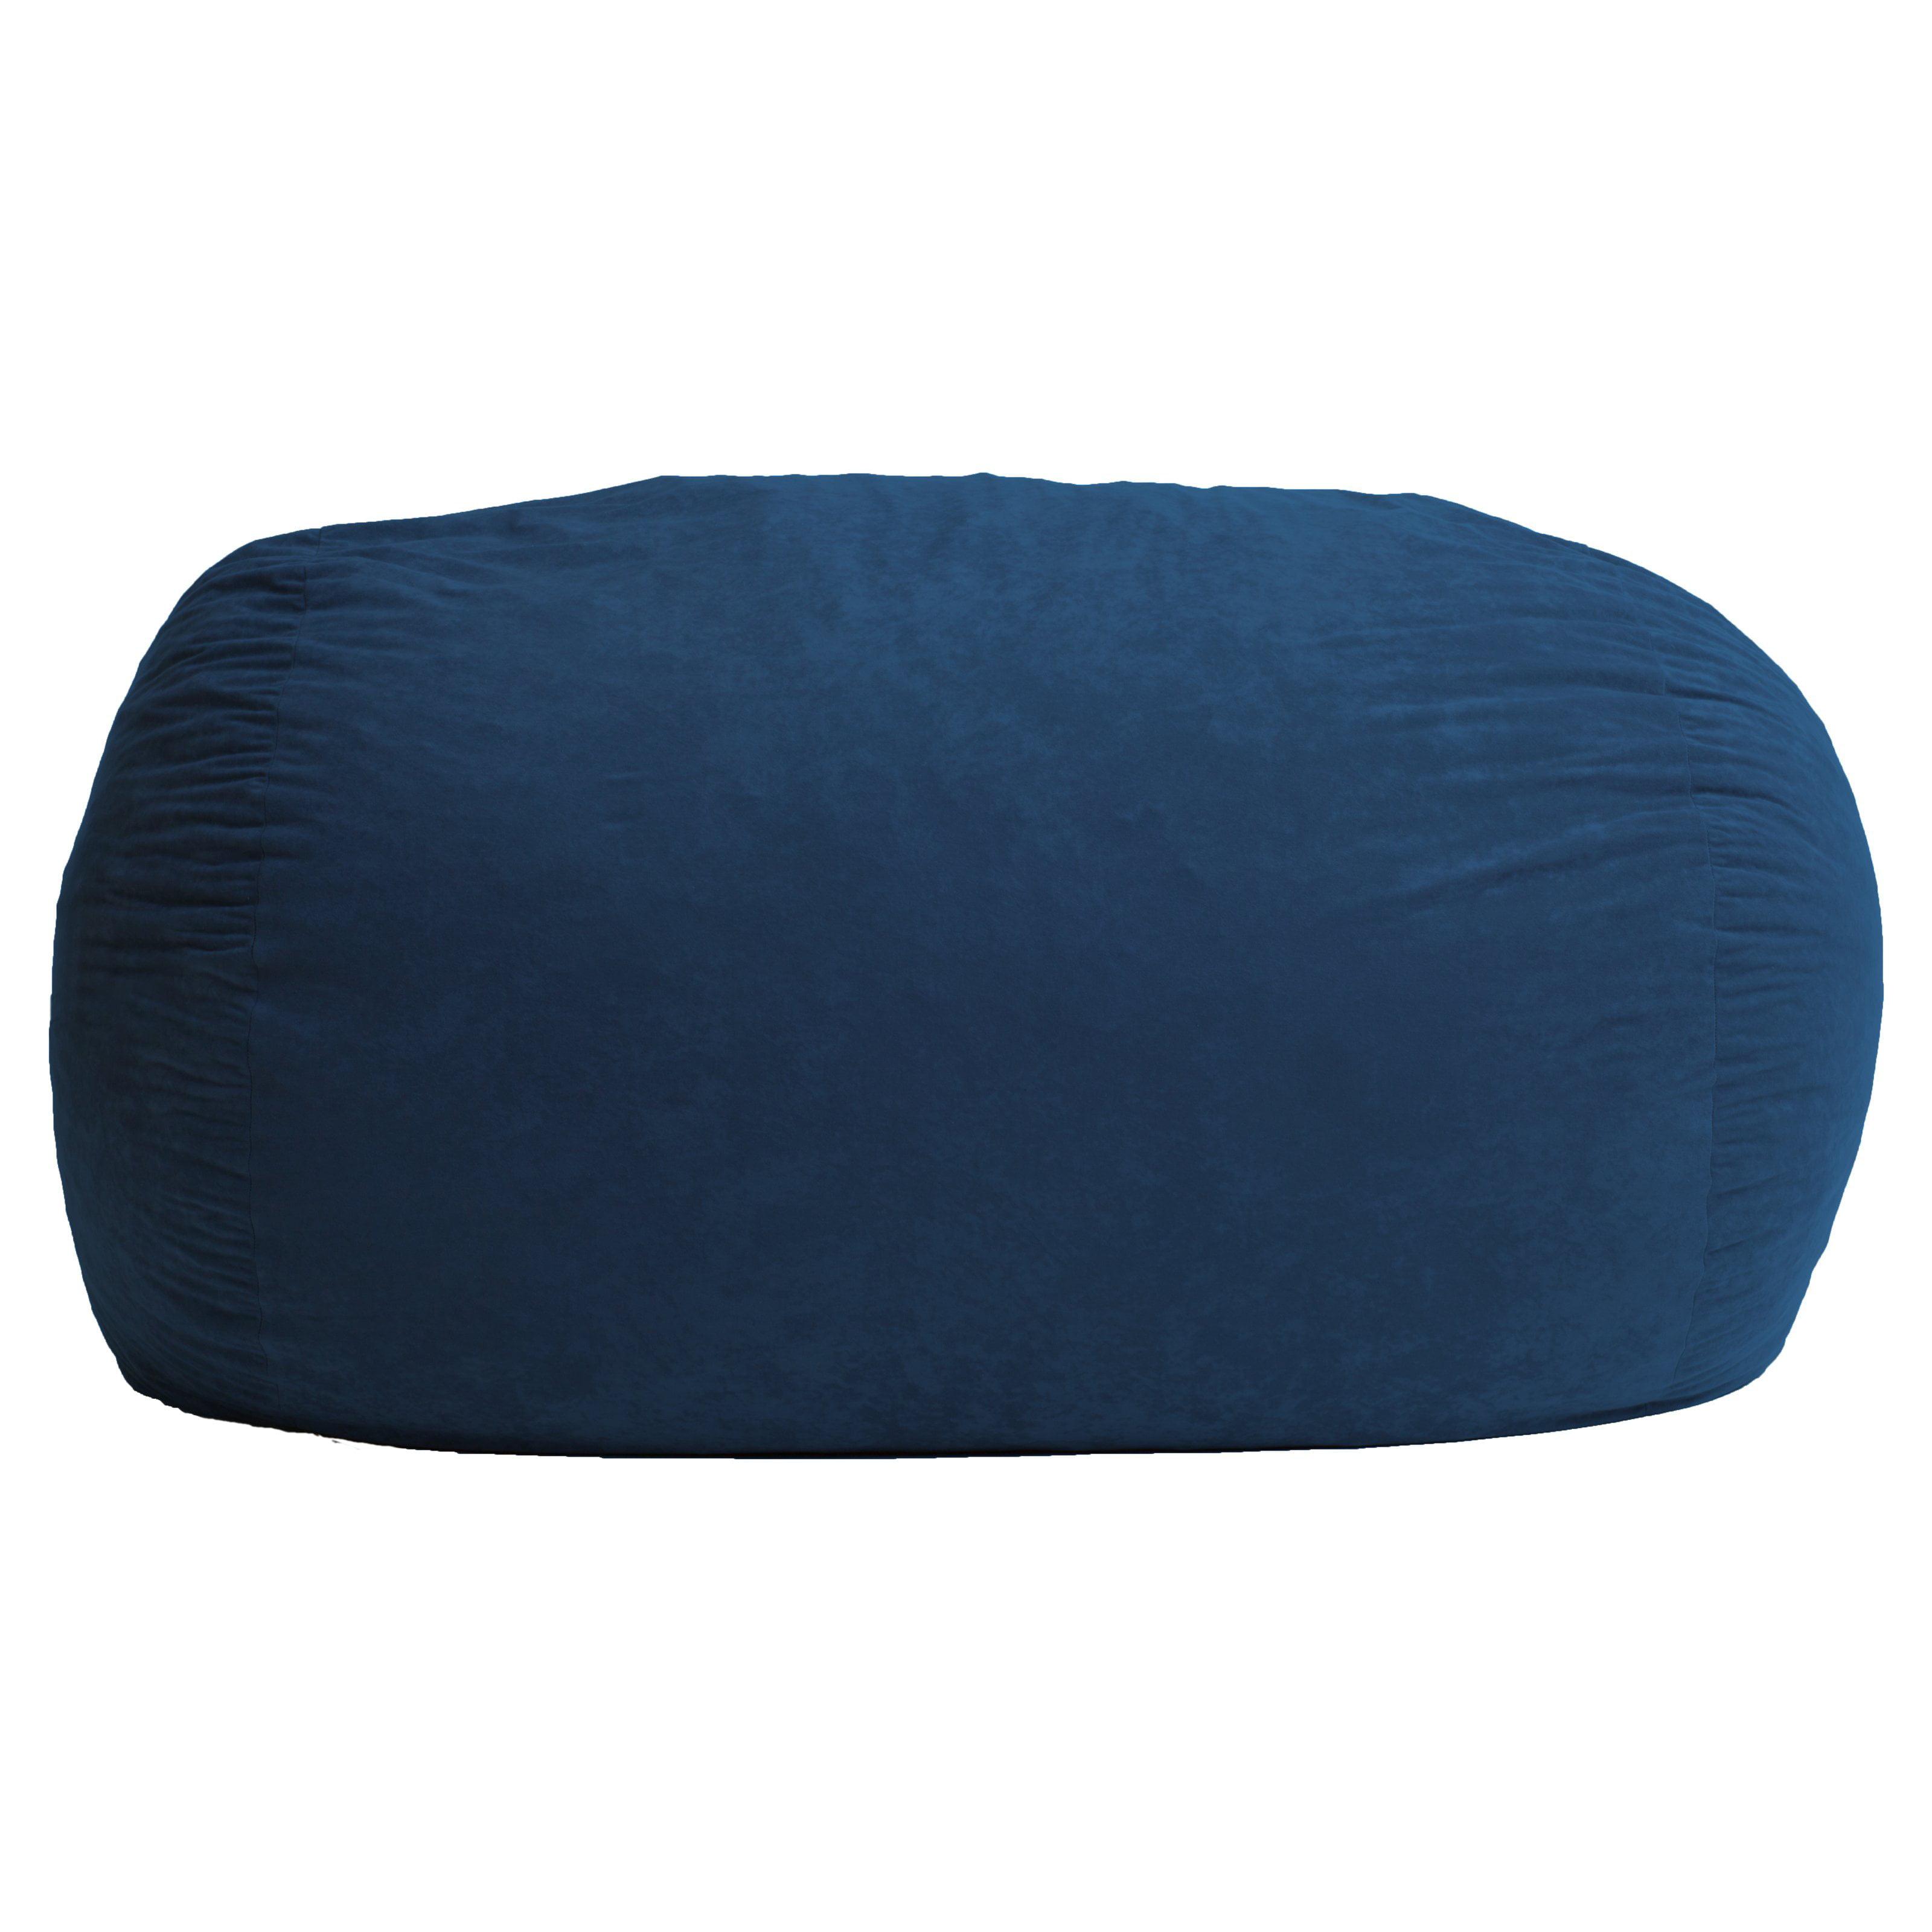 XL Comfort Suede Bean Bag Sofa   Walmart.com